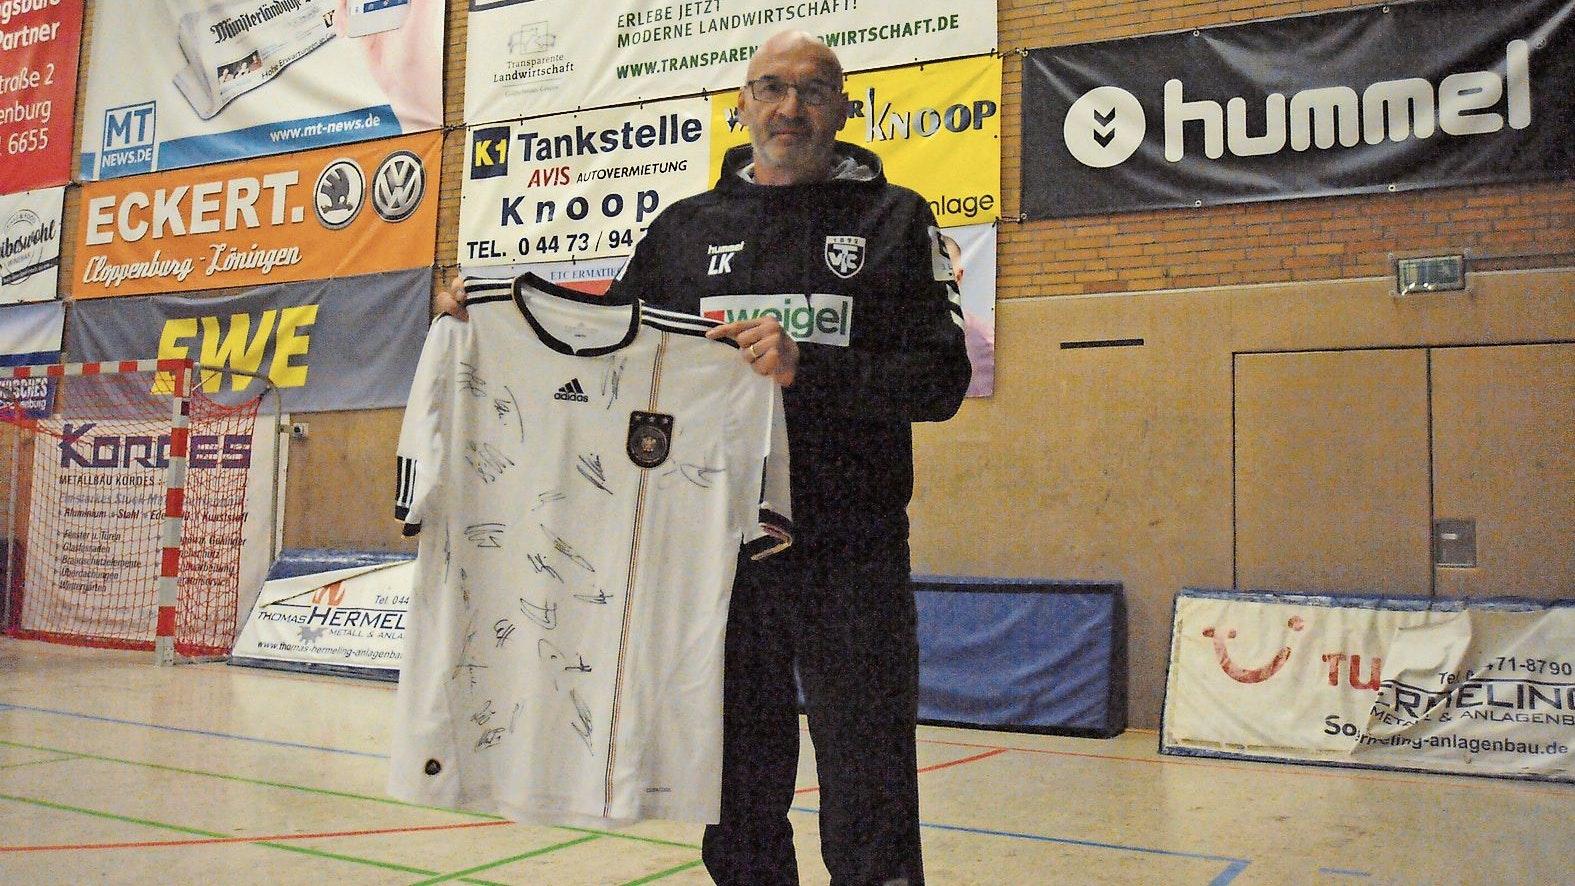 Wertvolles Exemplar: Leszek Krowicki, Coach der TVC-Handballer, möchte sich zugunsten des guten Zwecks von einem Trikot des früheren Fußball-Nationalspielers Per Mertesacker trennen. Foto: Bettenstaedt